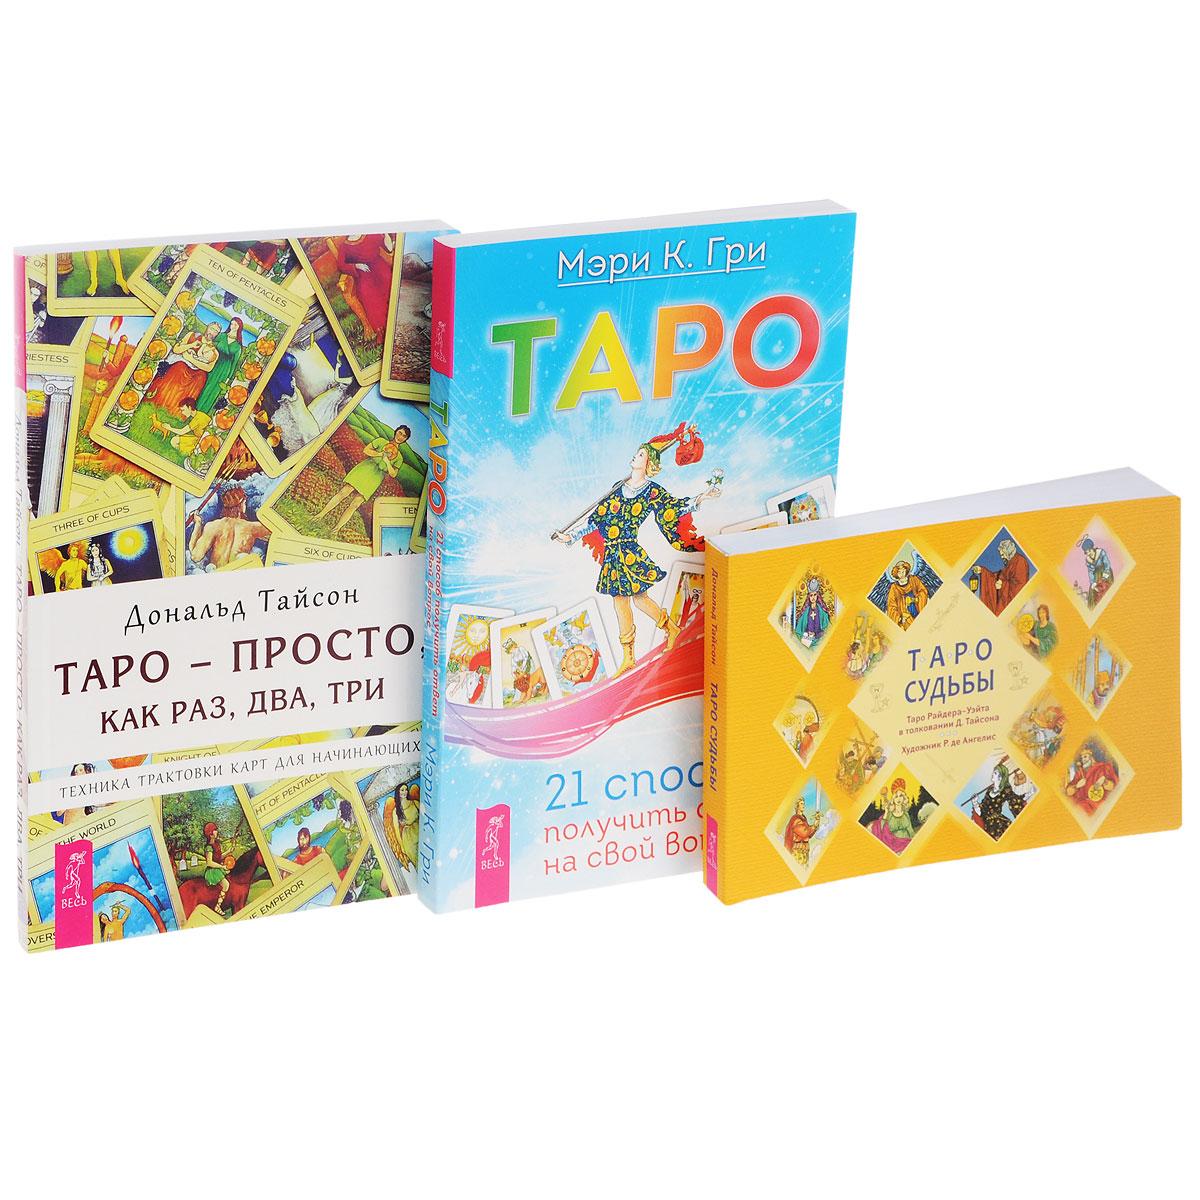 Дональд Тайсон, Мэри К. Гри Таро - просто, как раз, два, три. Таро. Таро судьбы (комплект из 3 книг + набор из 78 карт)